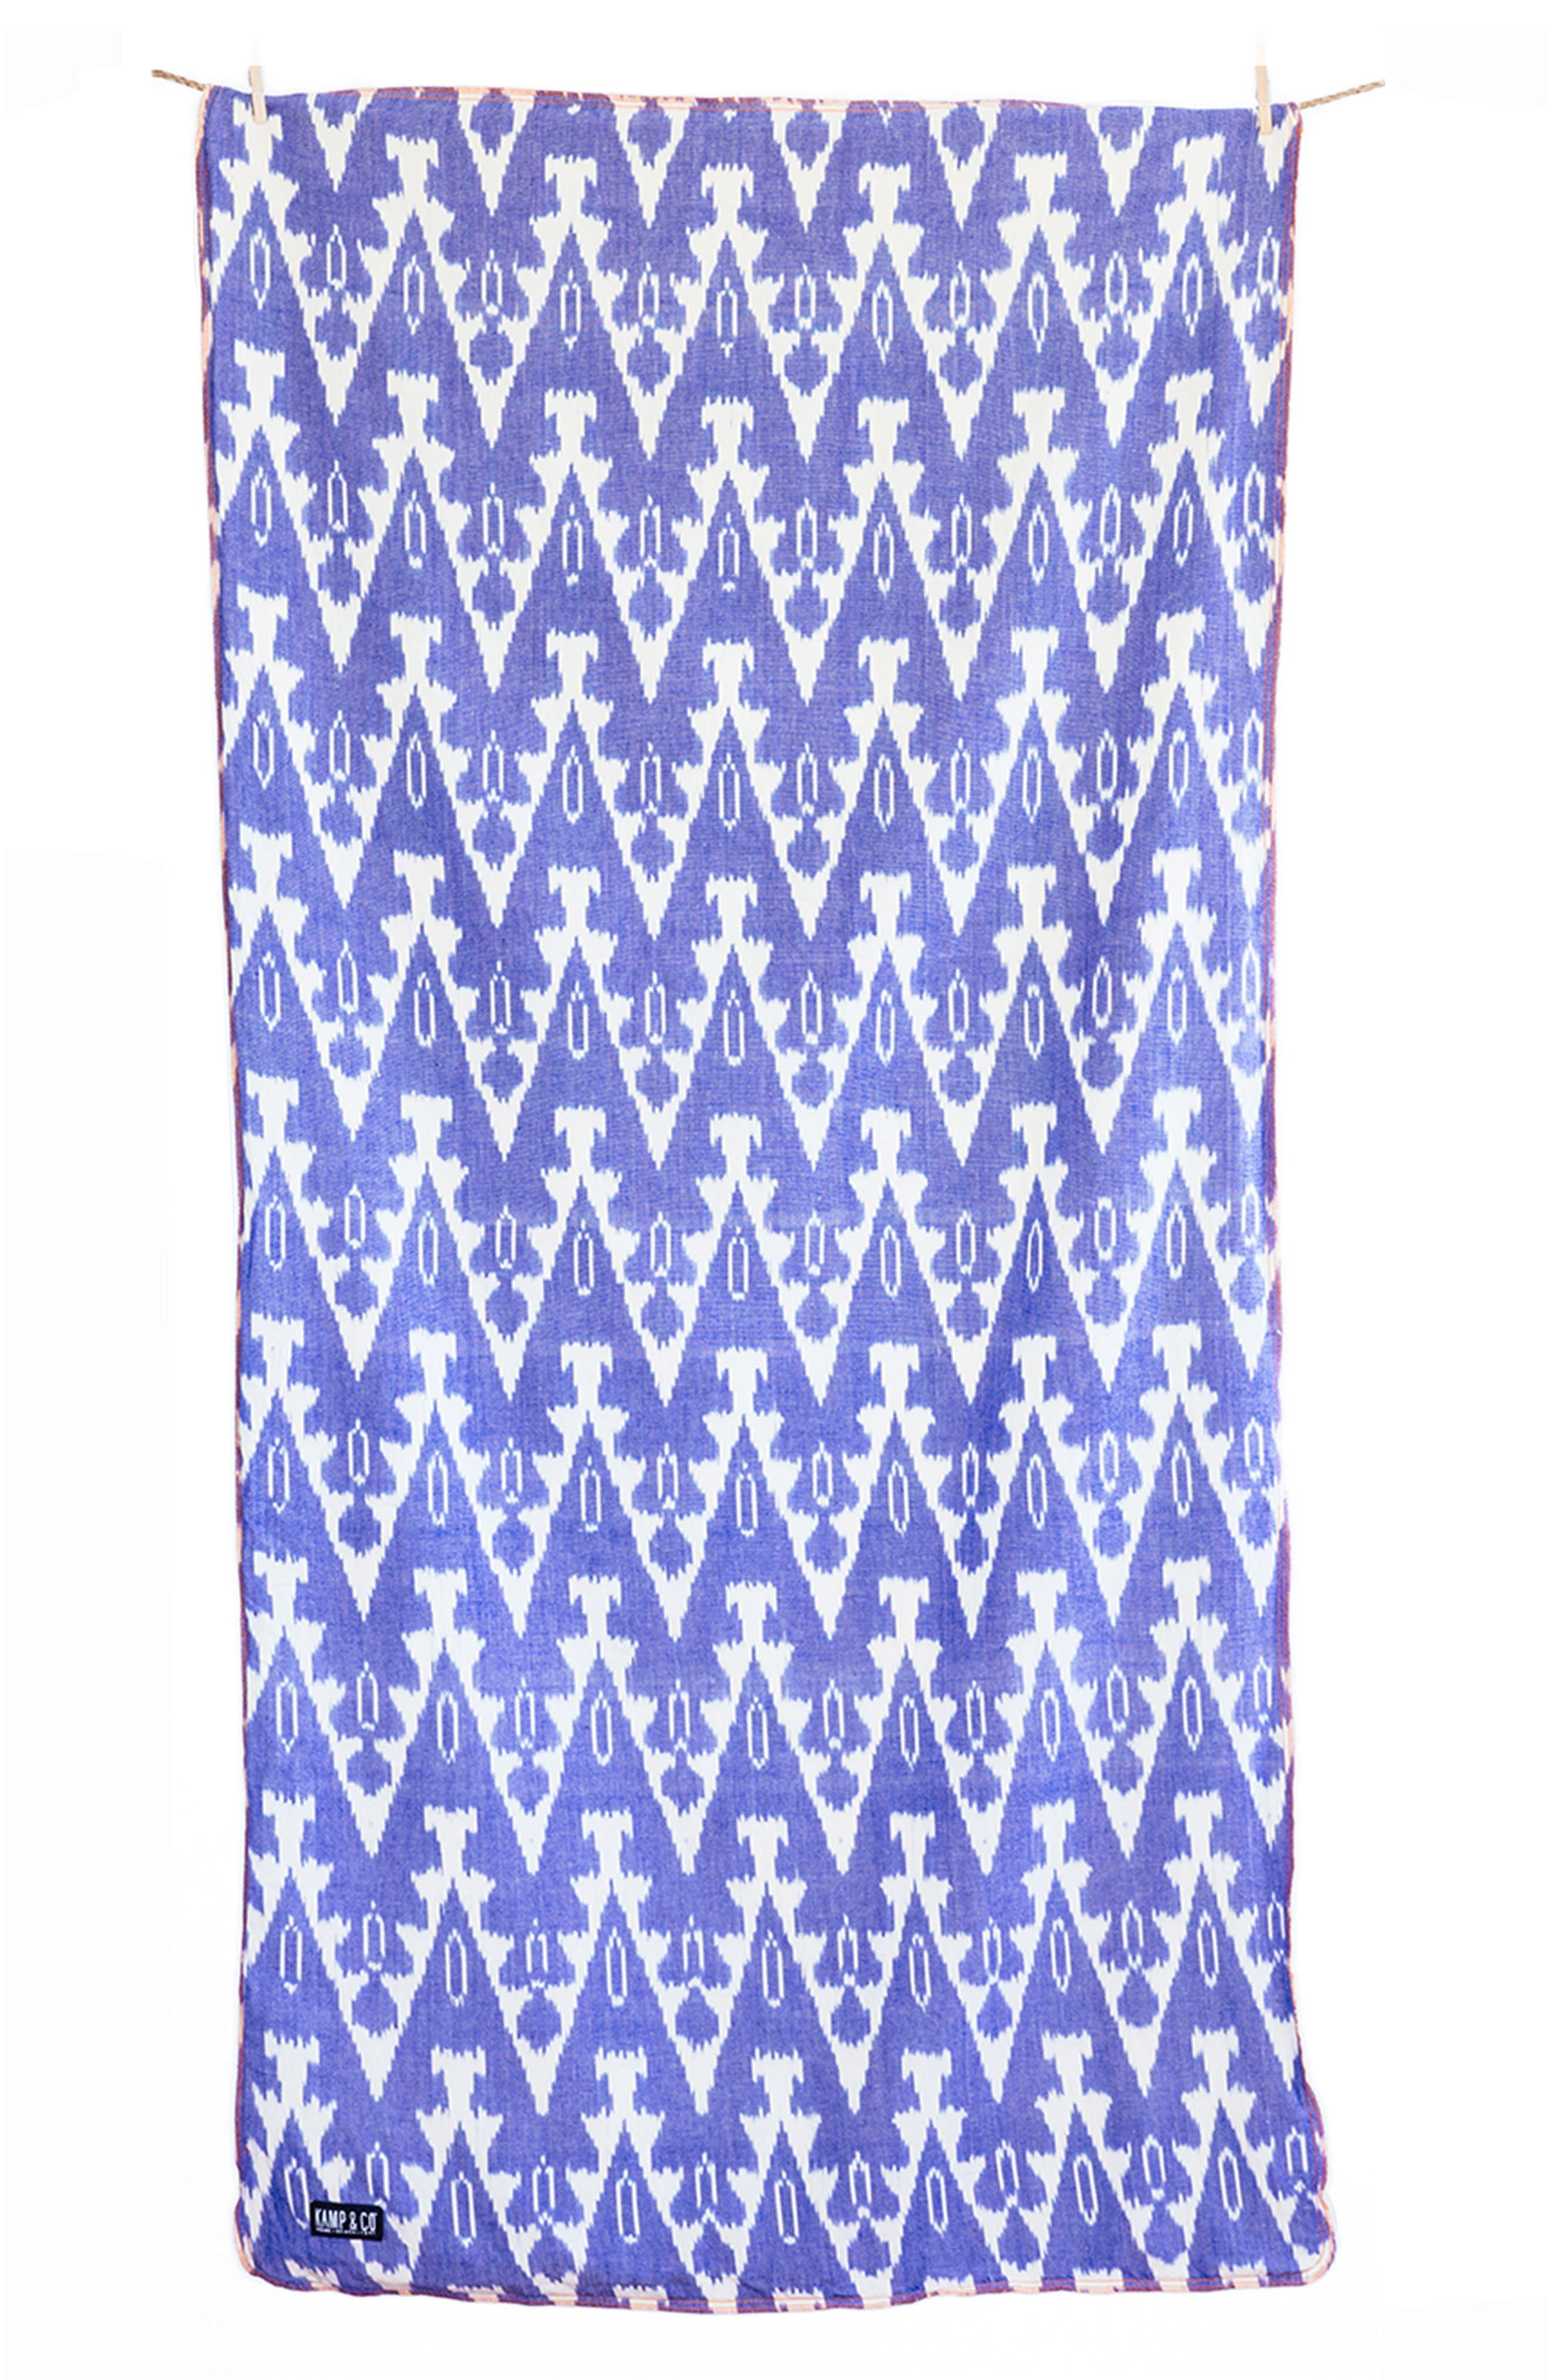 Main Image - Kamp & Co. Torrey Kamp Towel